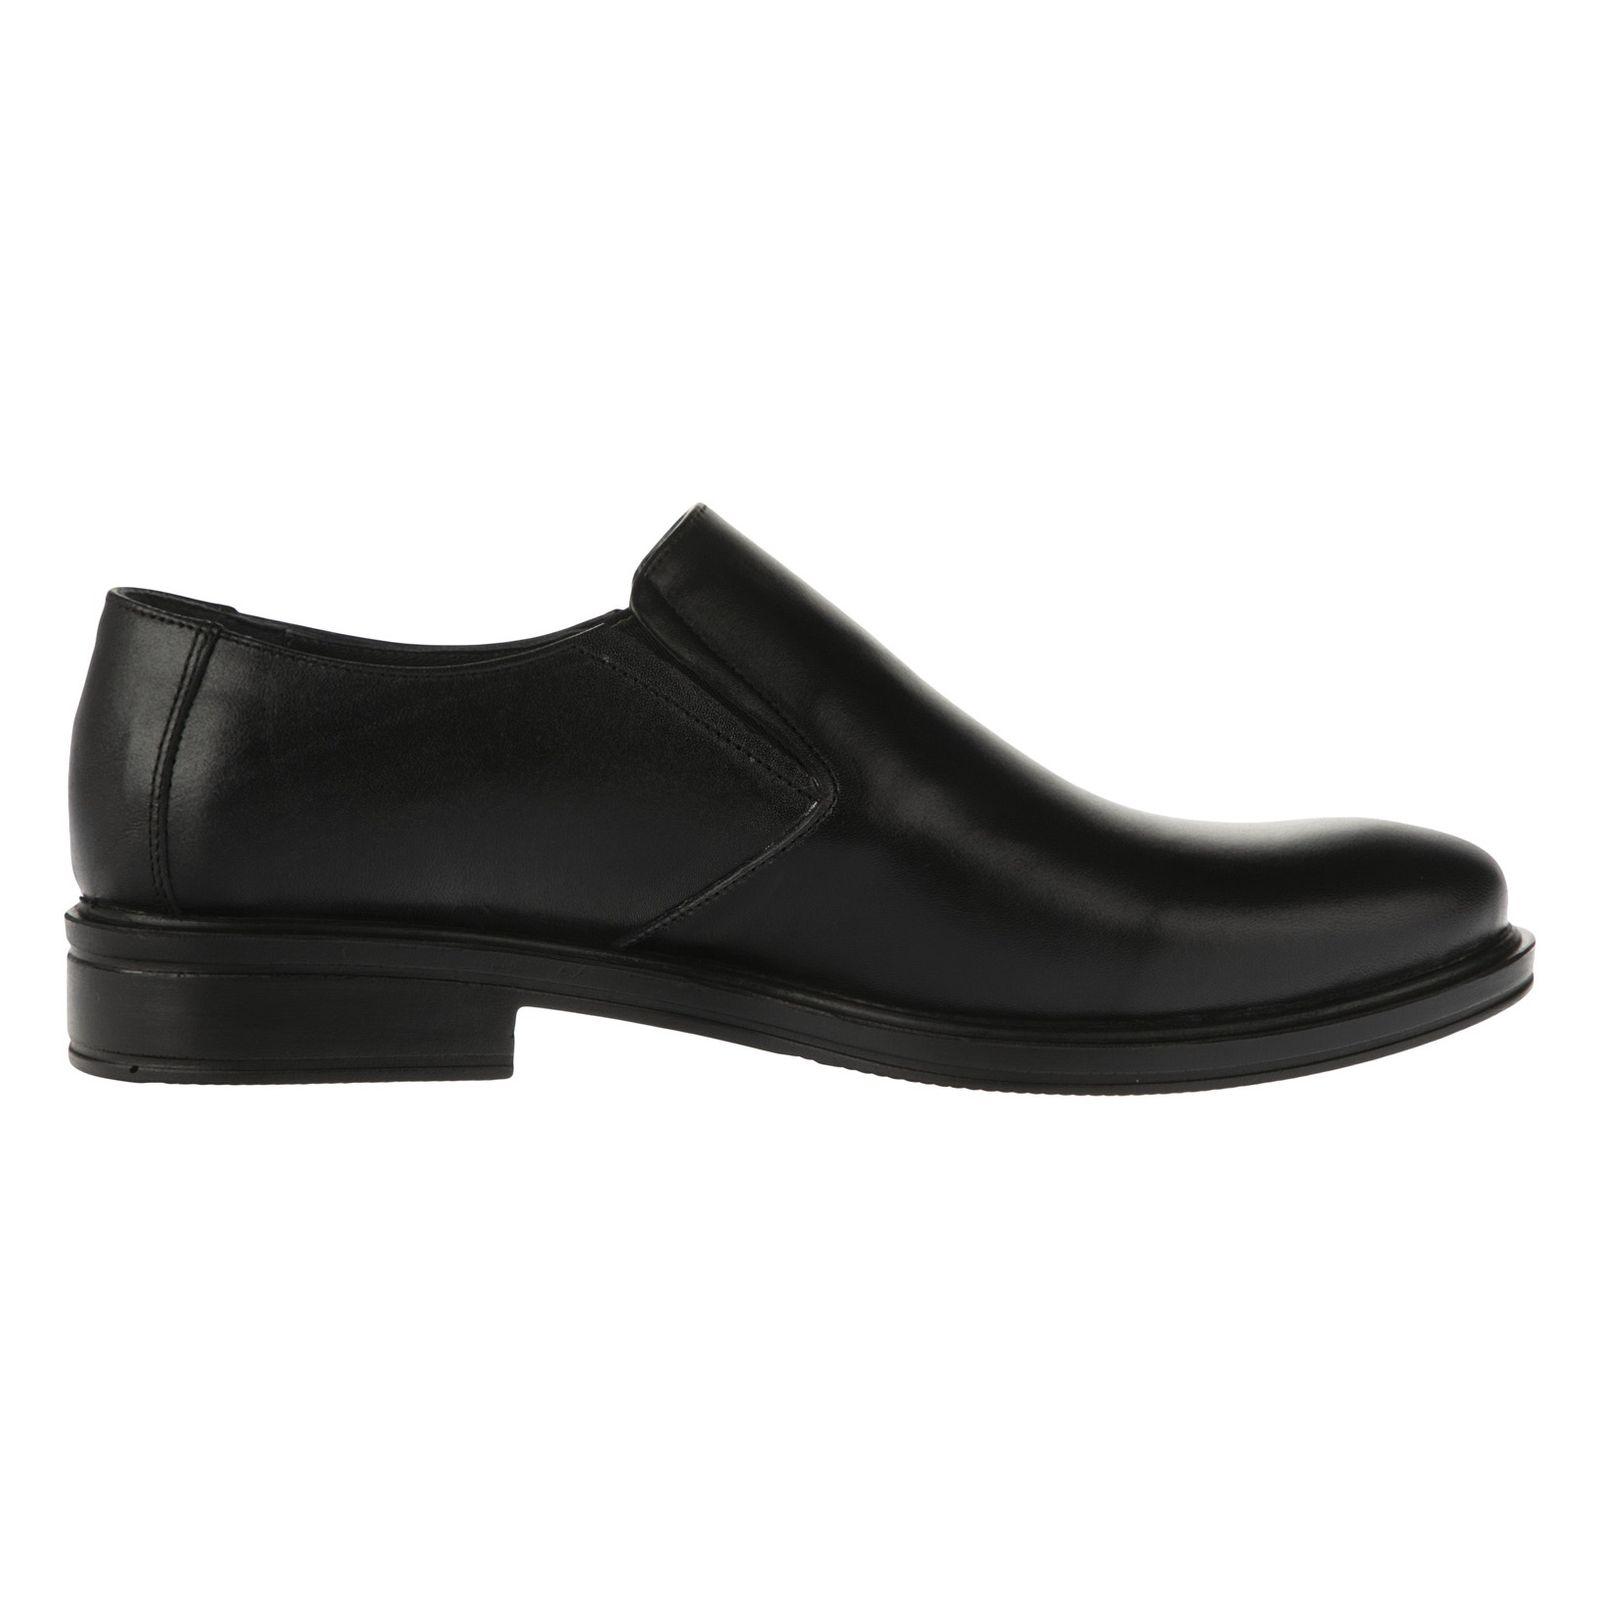 کفش مردانه شیفر مدل 7161B-101 -  - 4